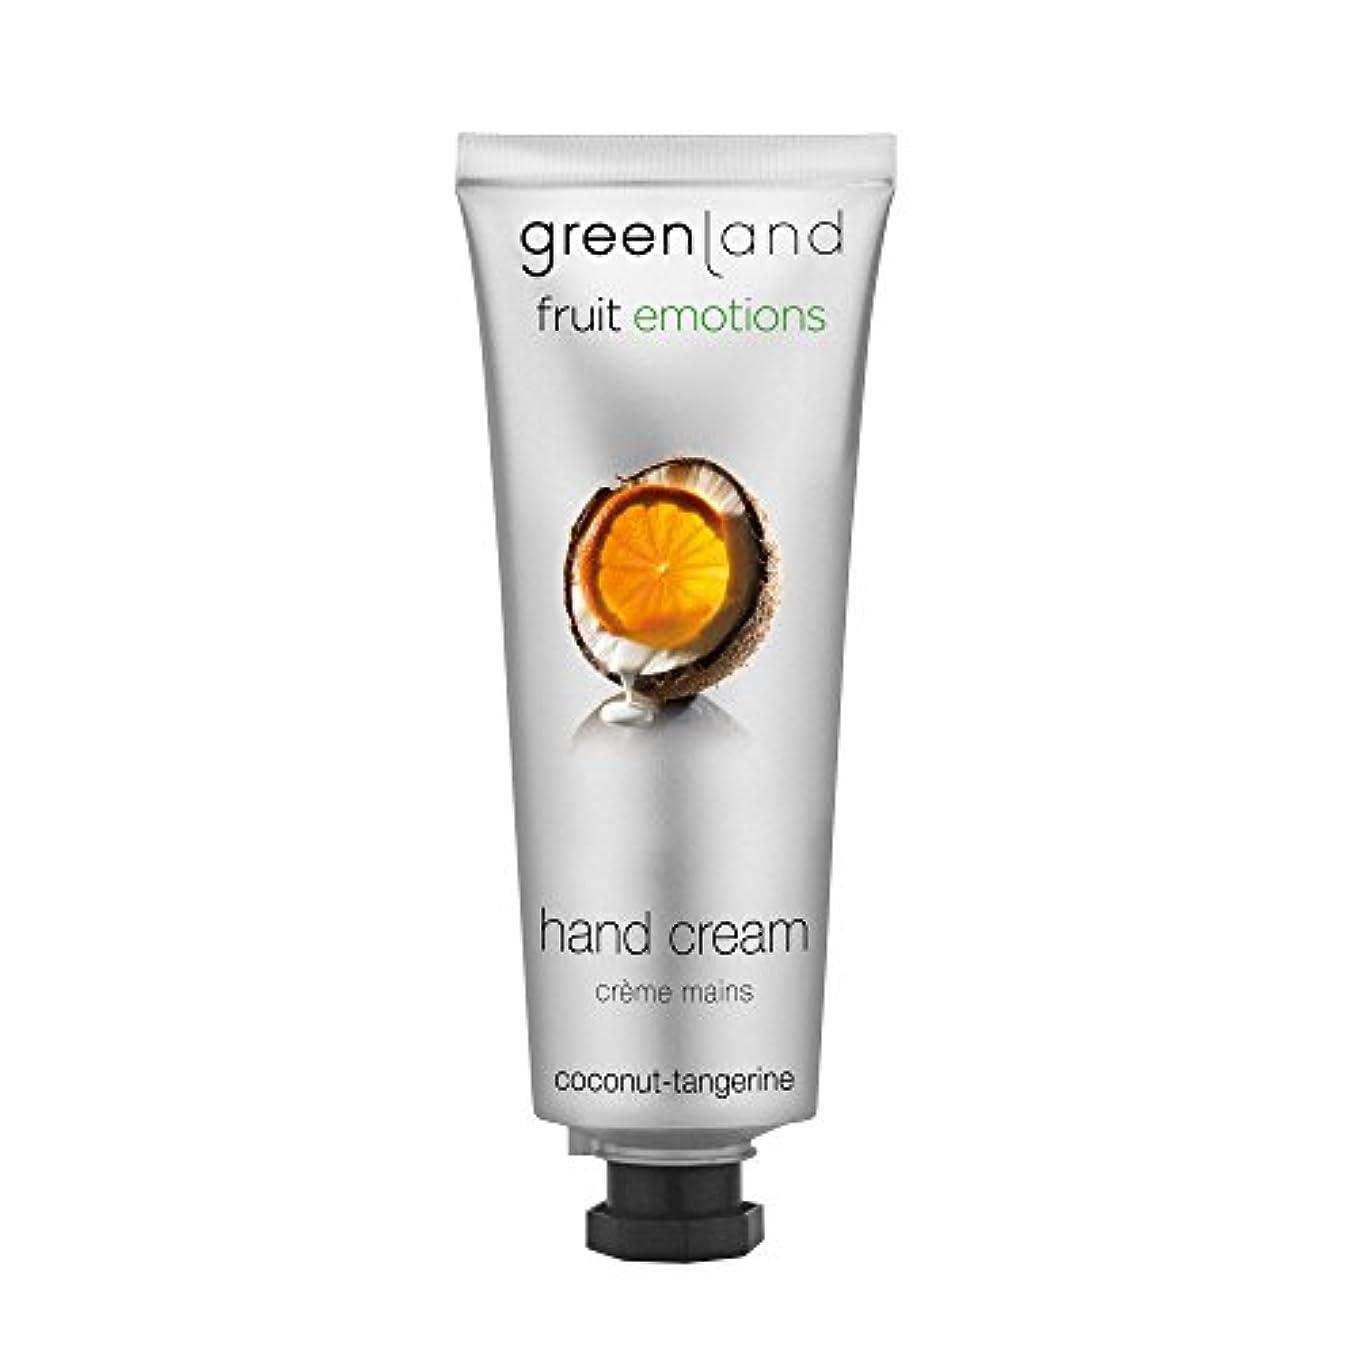 神社ディプロマ提供greenland [FruitEmotions] ハンドクリーム 75ml ココナッツ&タンジェリン FE0532